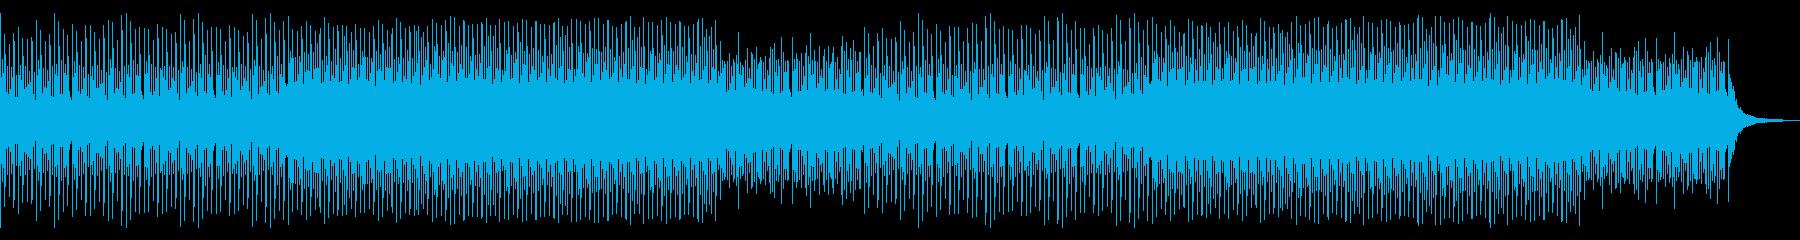 企業VPやCMに 前へ進む ピアノ 鉄琴の再生済みの波形